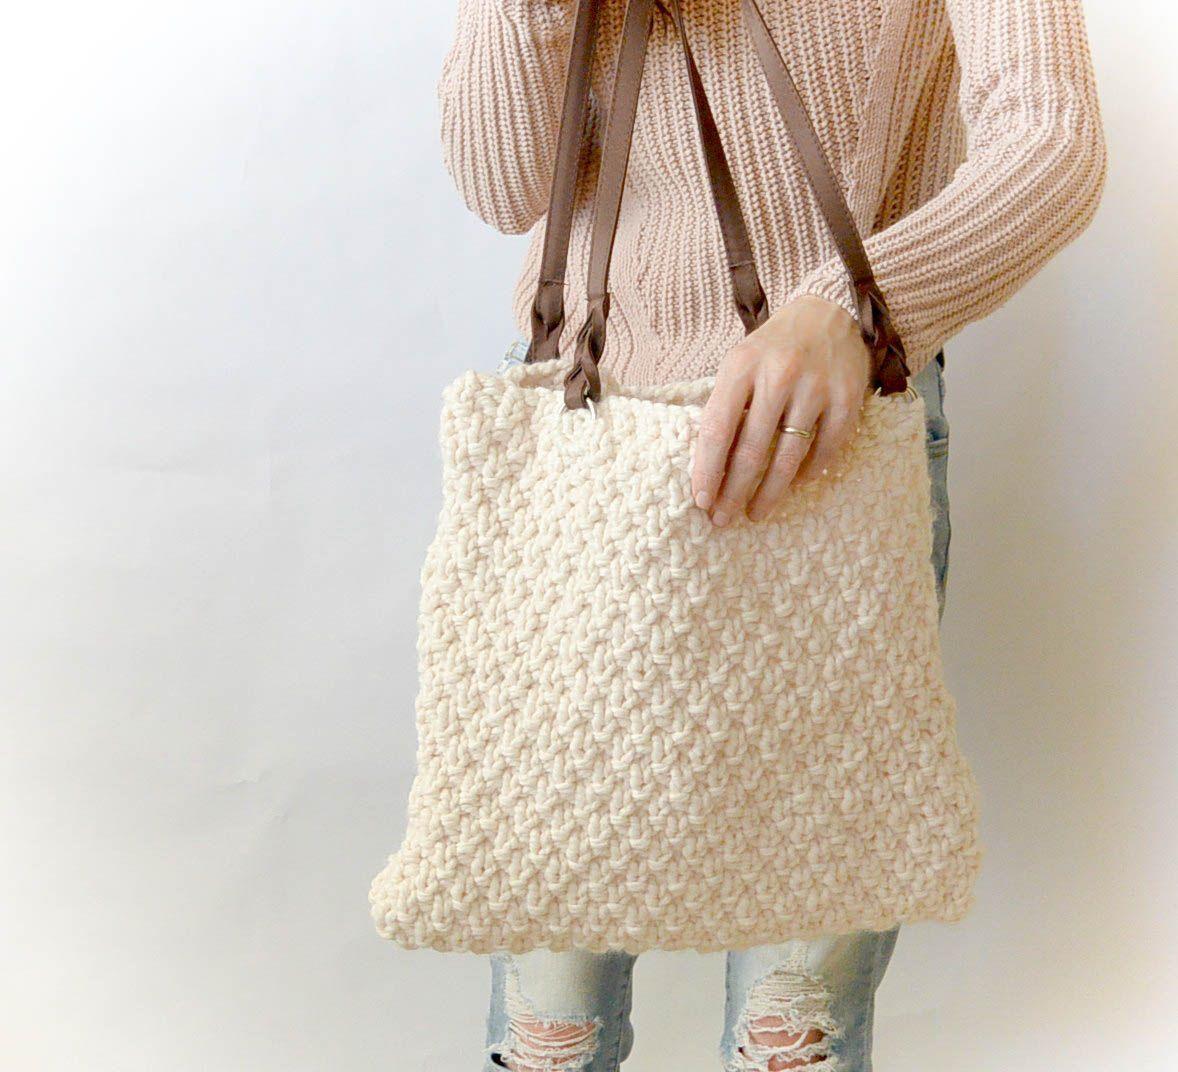 Aspen Mountain Knit Bag Pattern | Seed stitch, Stitch and Brain